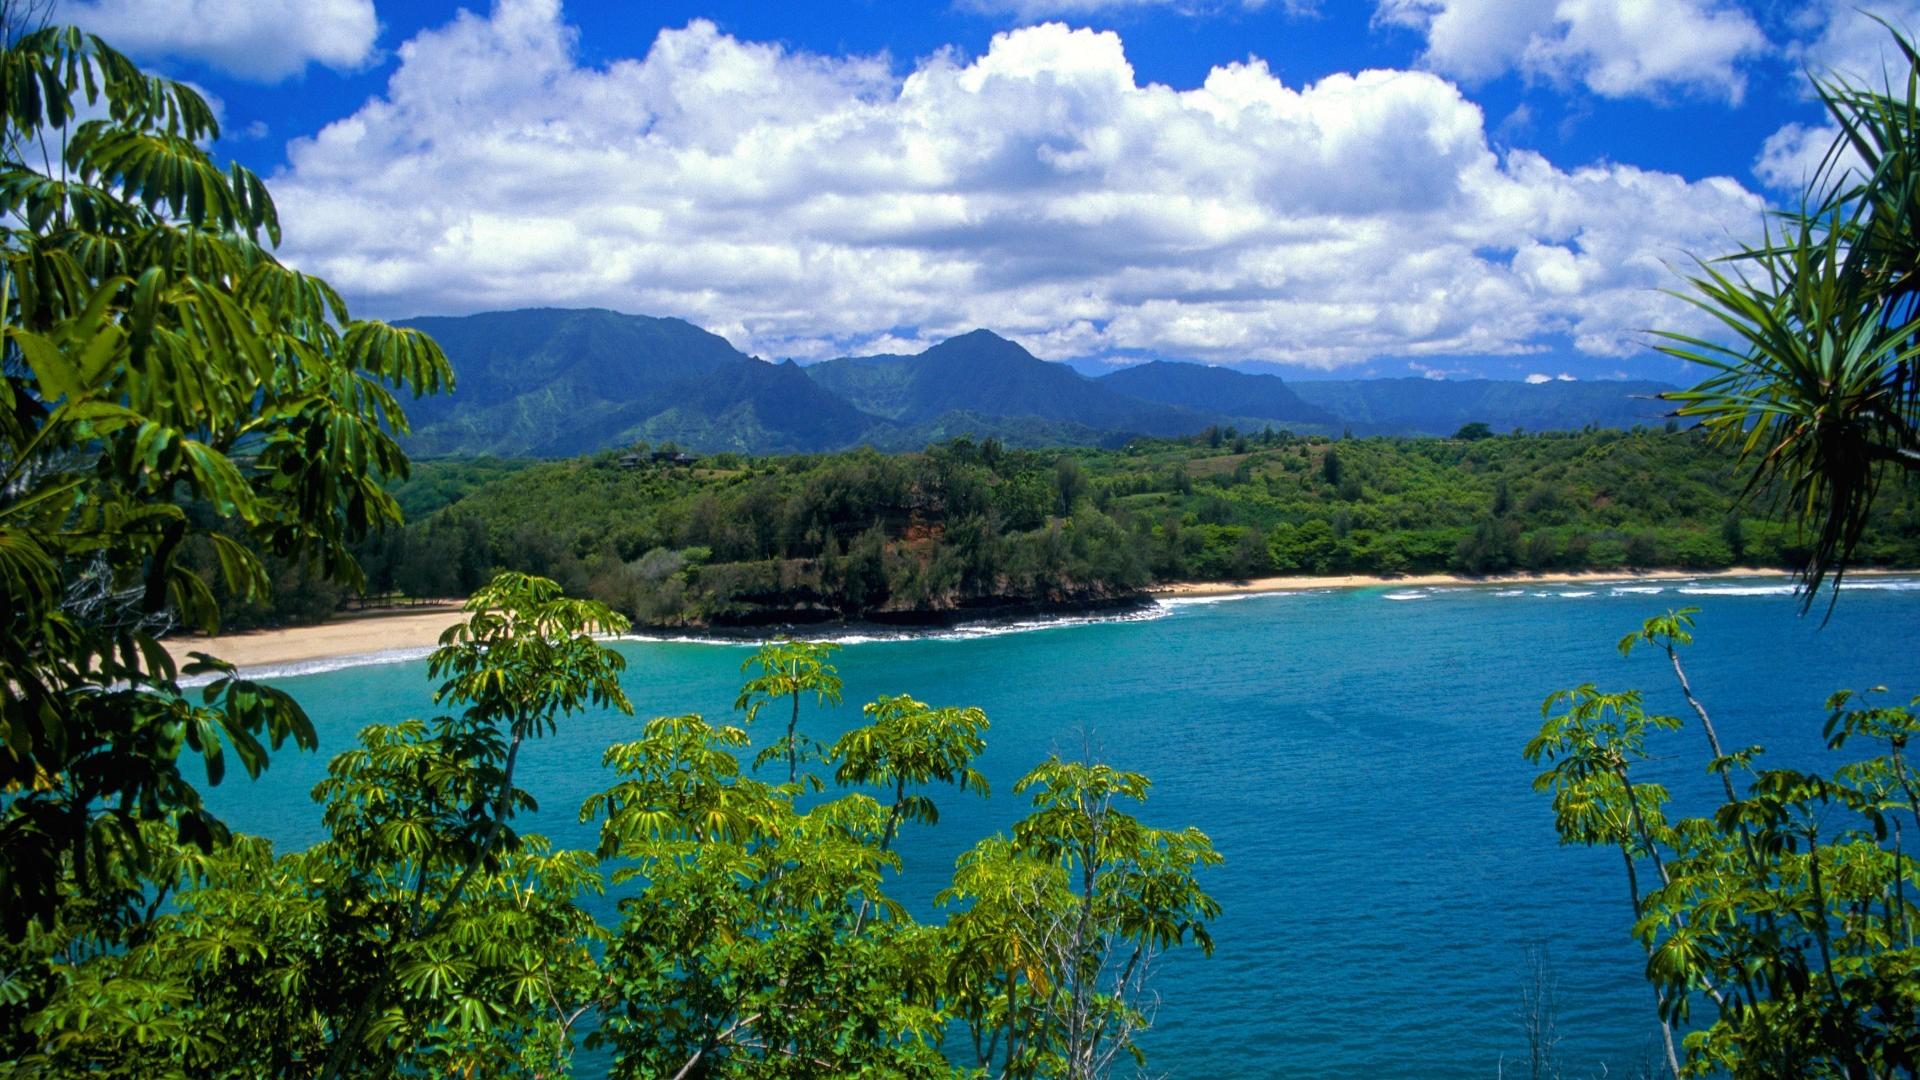 Hawaii Beach Hd Wallpapers 8